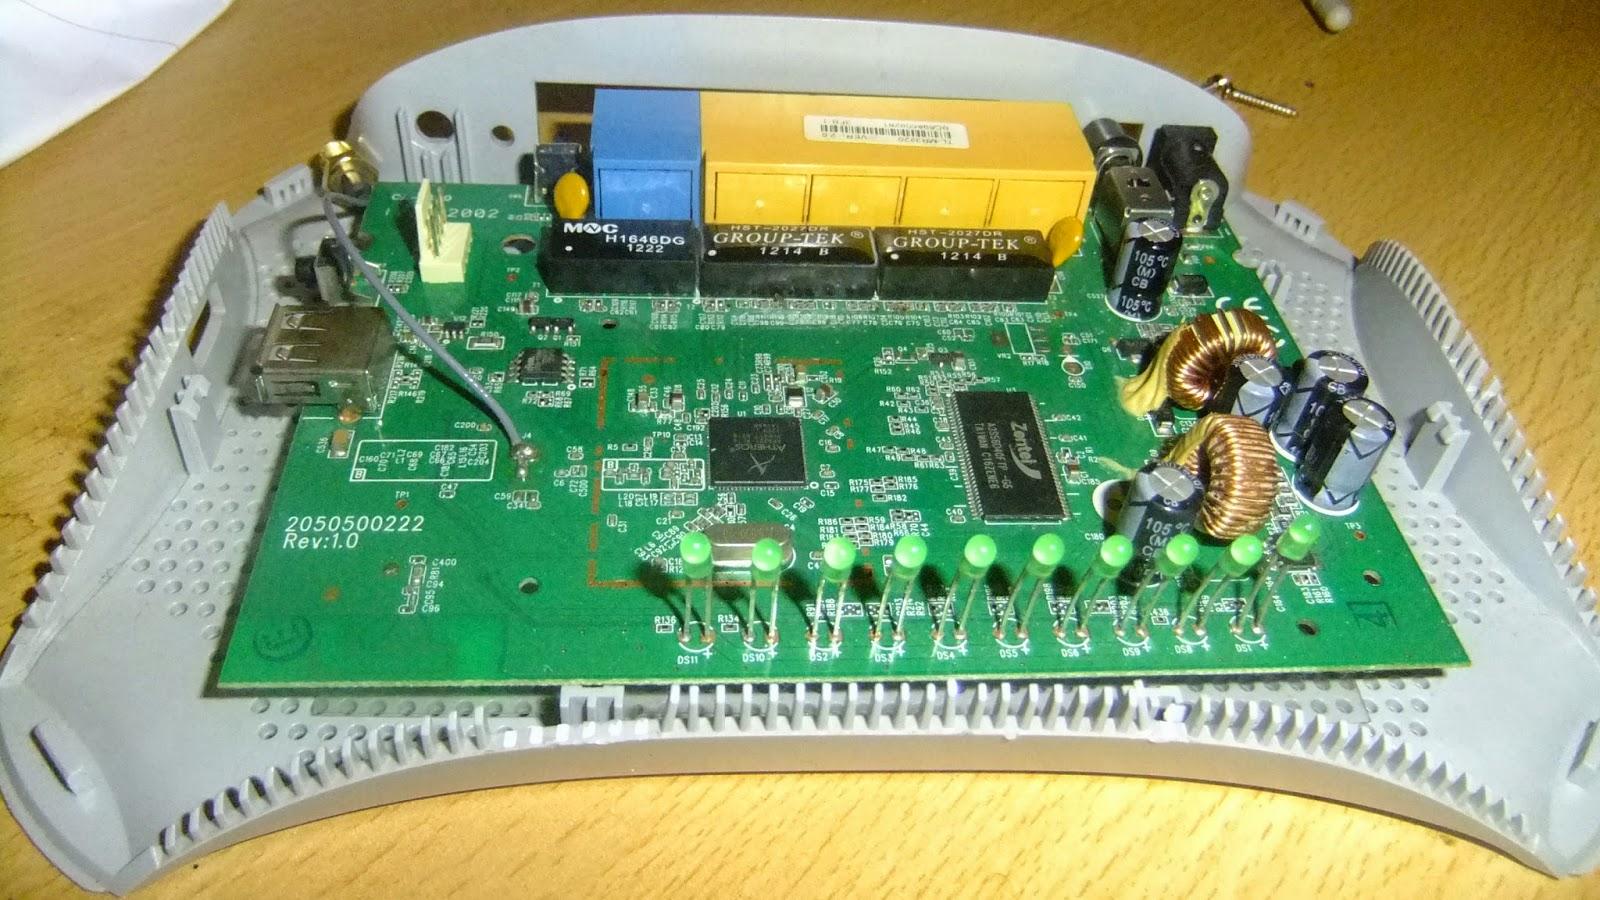 MR3220 - main PCB